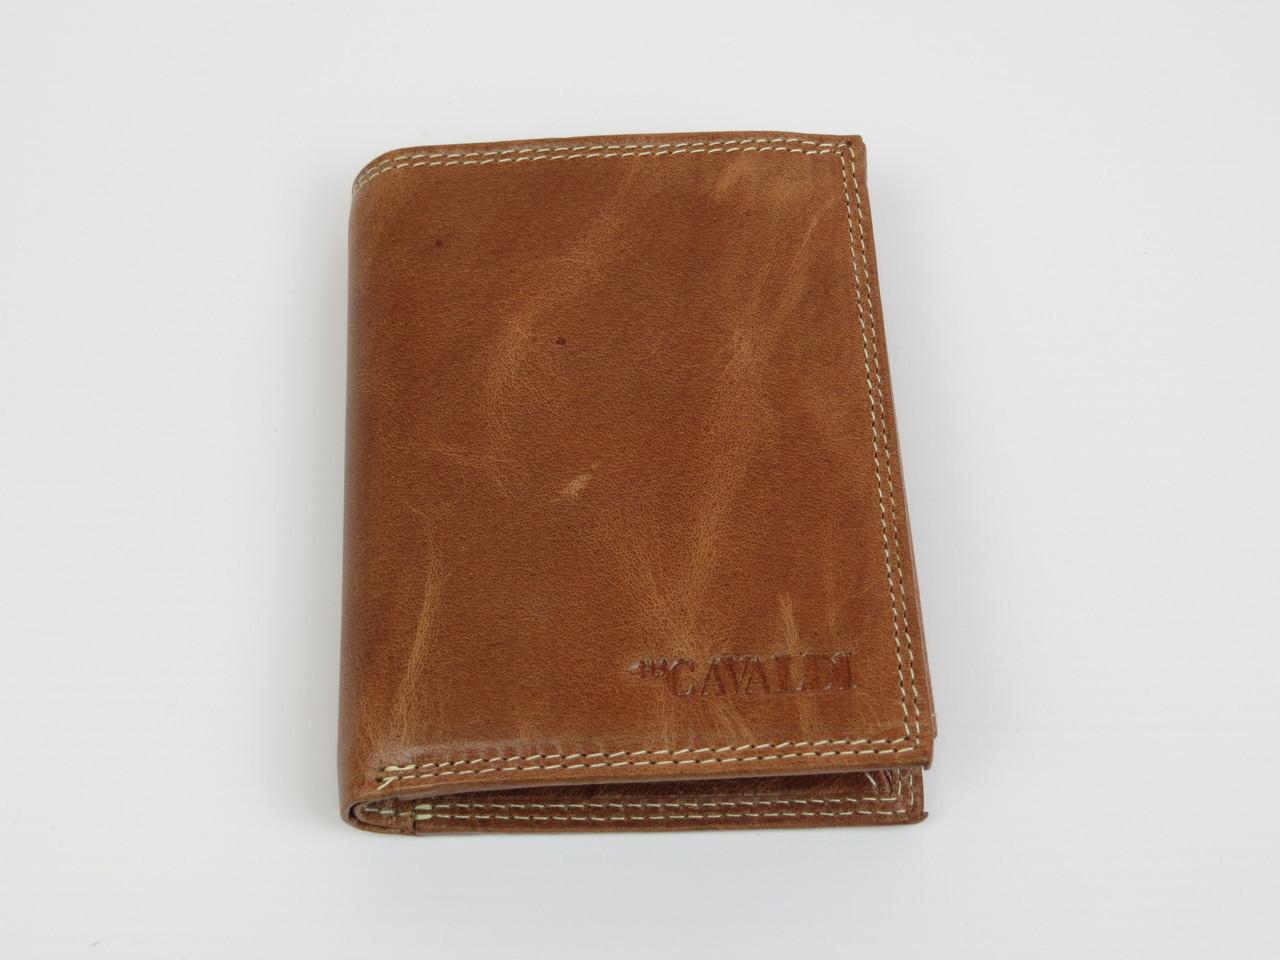 Мужское кожаное портмоне ALWAYS WILD SPRM034 Tan светло-коричневый, фото 1